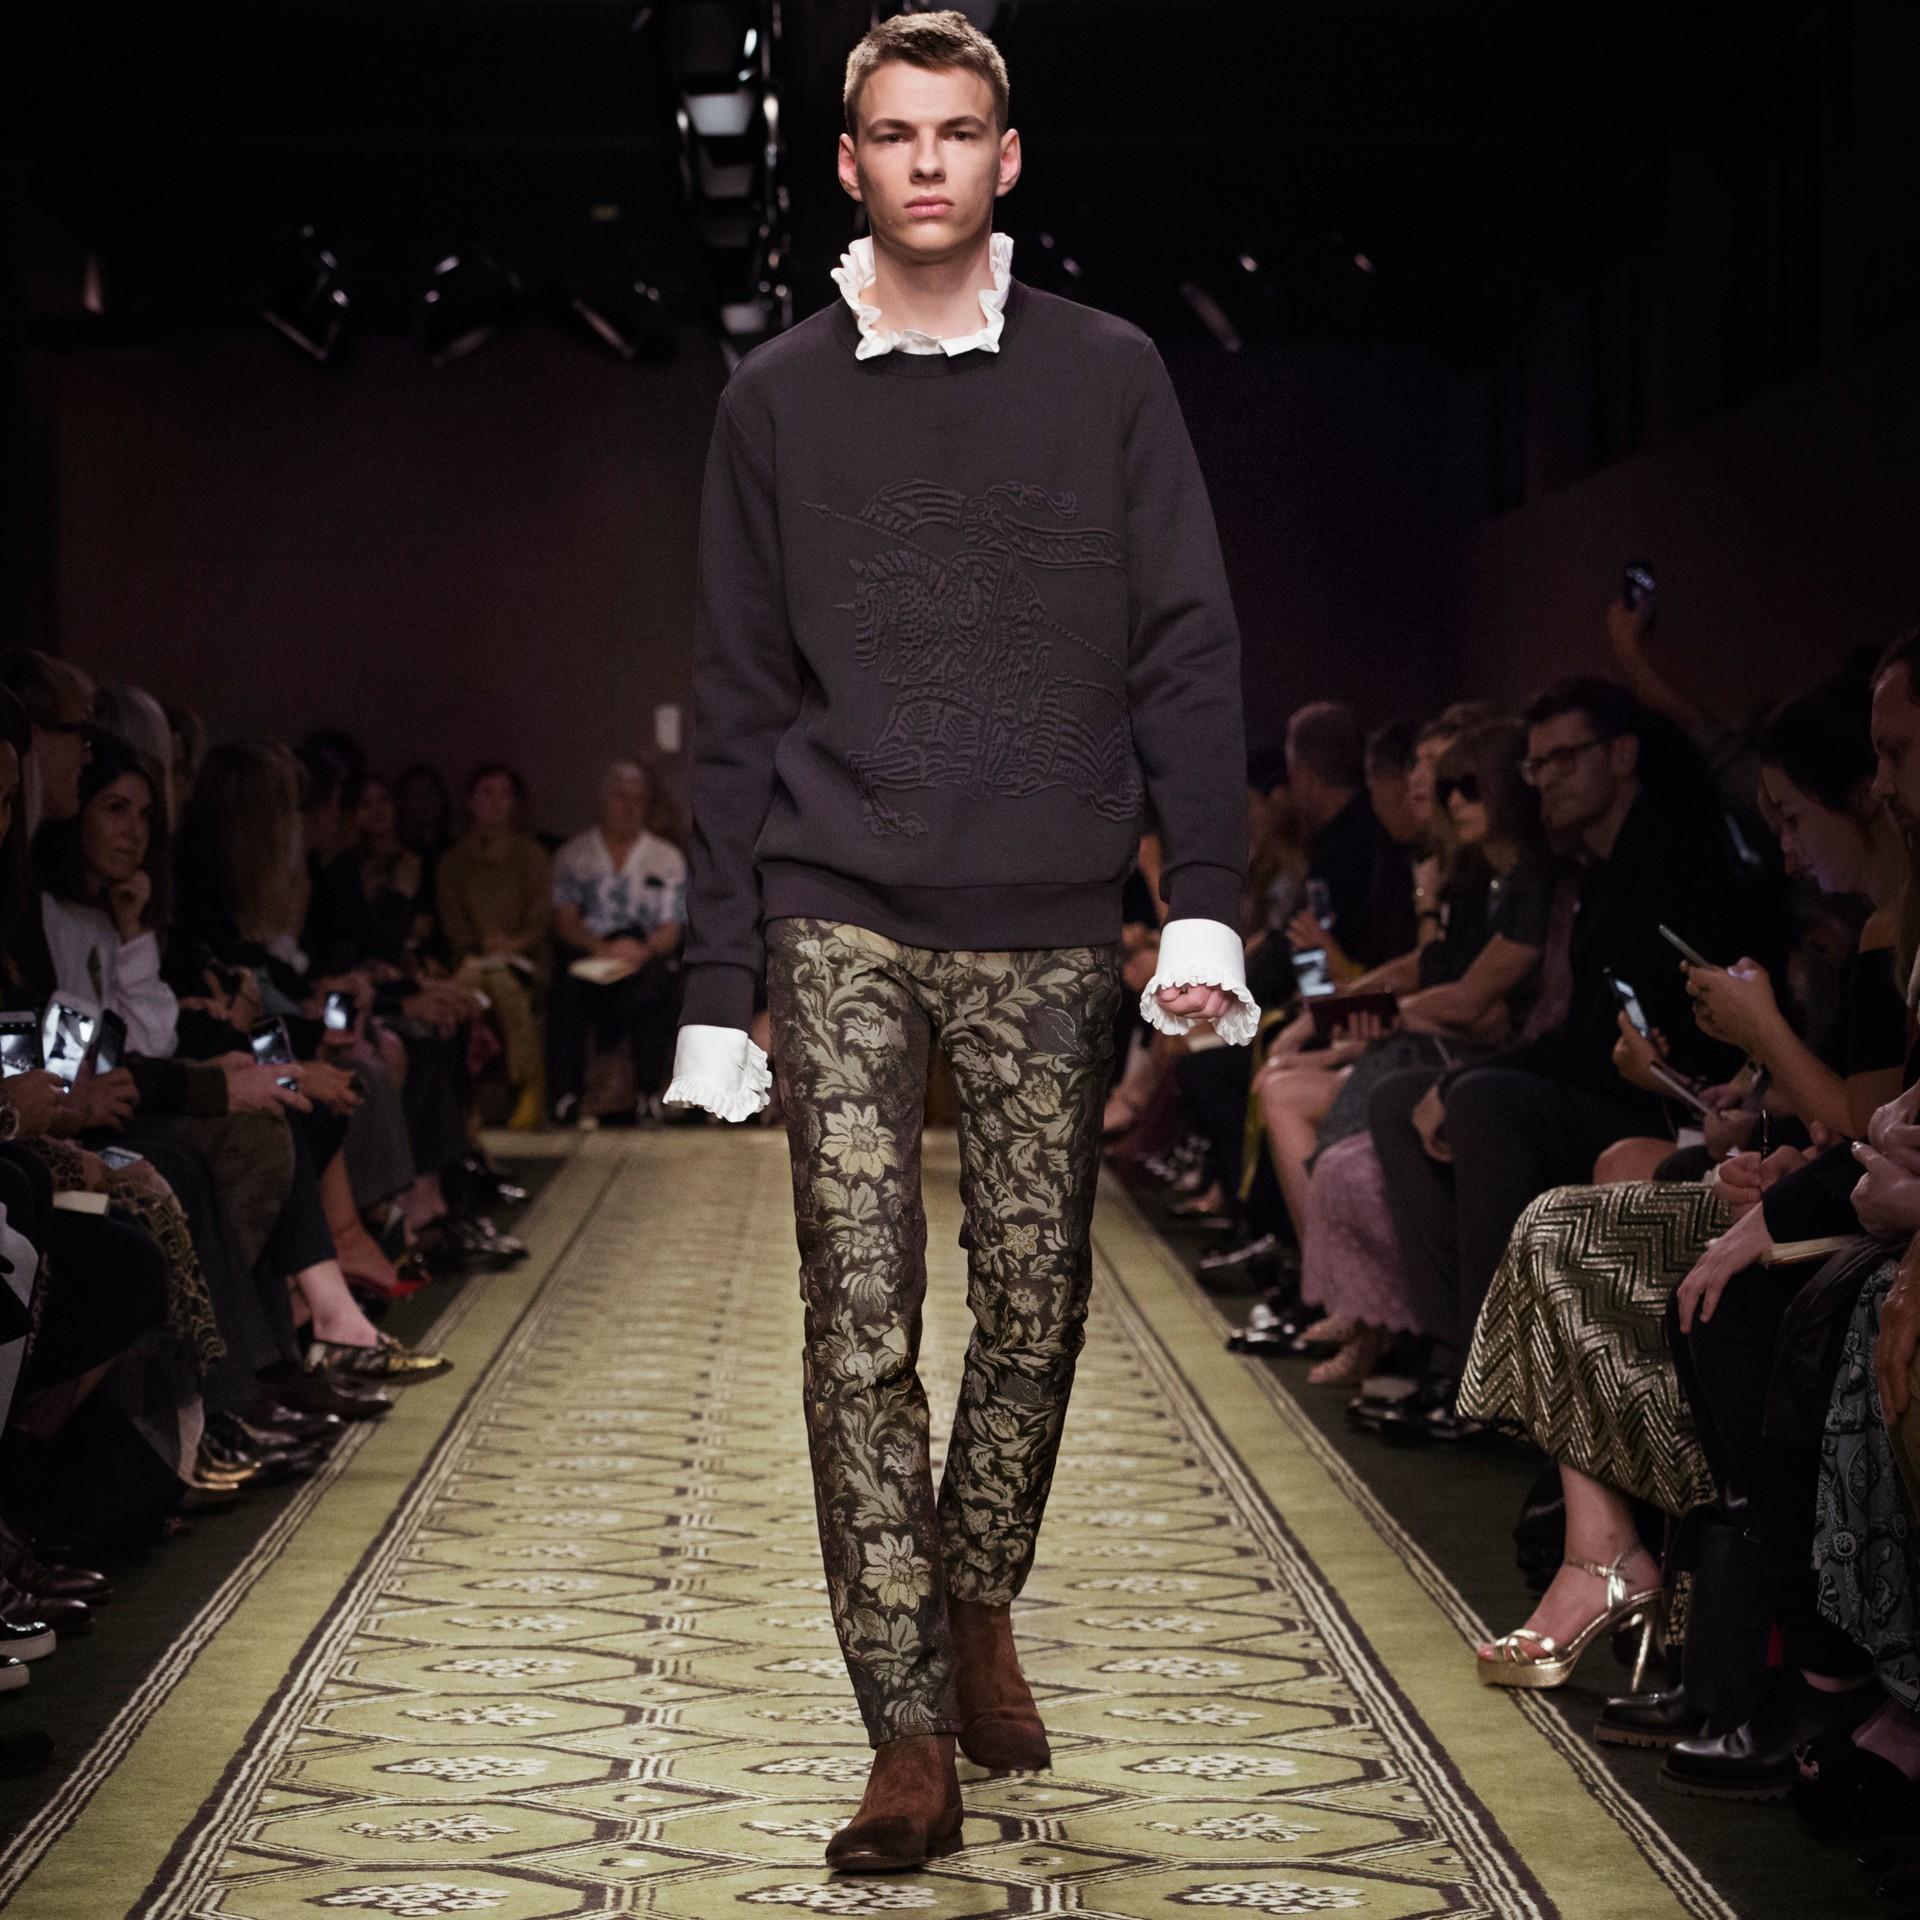 Шалфей Узкие джинсы с цветочным узором Шалфей - изображение 8